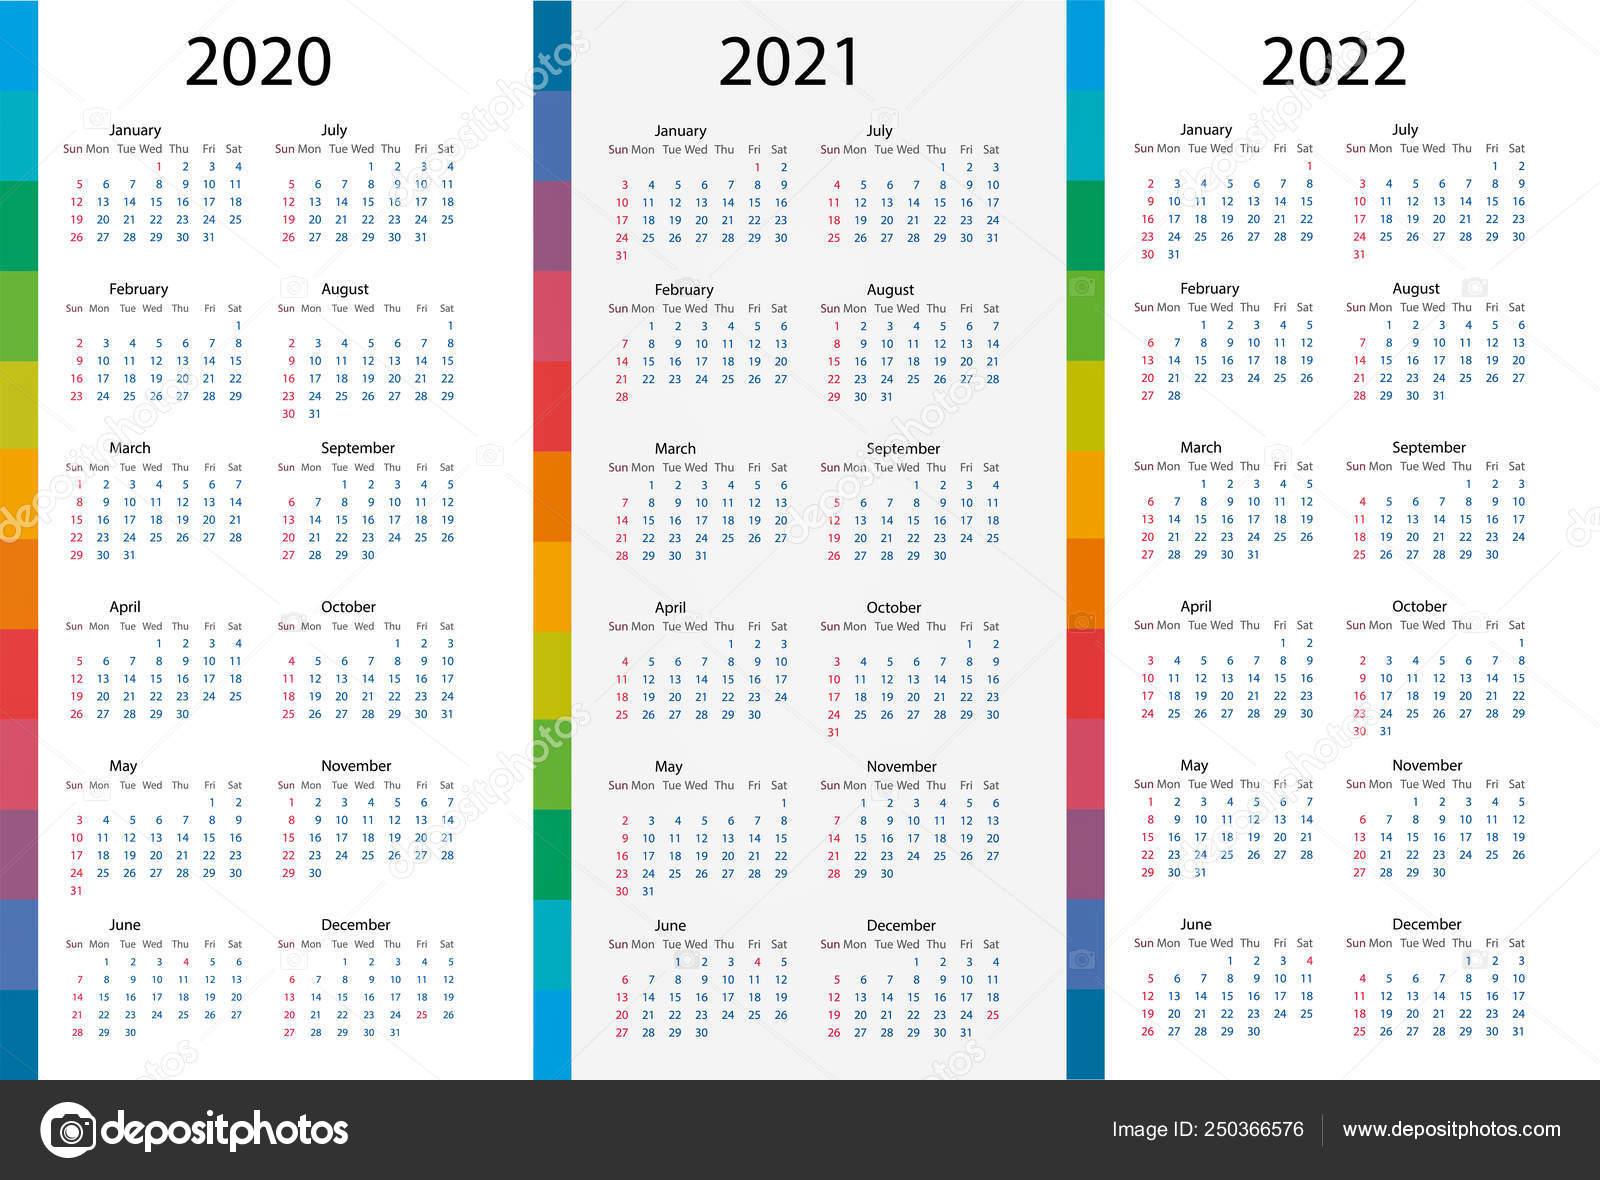 Календарь Набор Шаблонов Для 2020, 2021, 2022 Годы throughout 2 Year Calendar Template 2020 2021